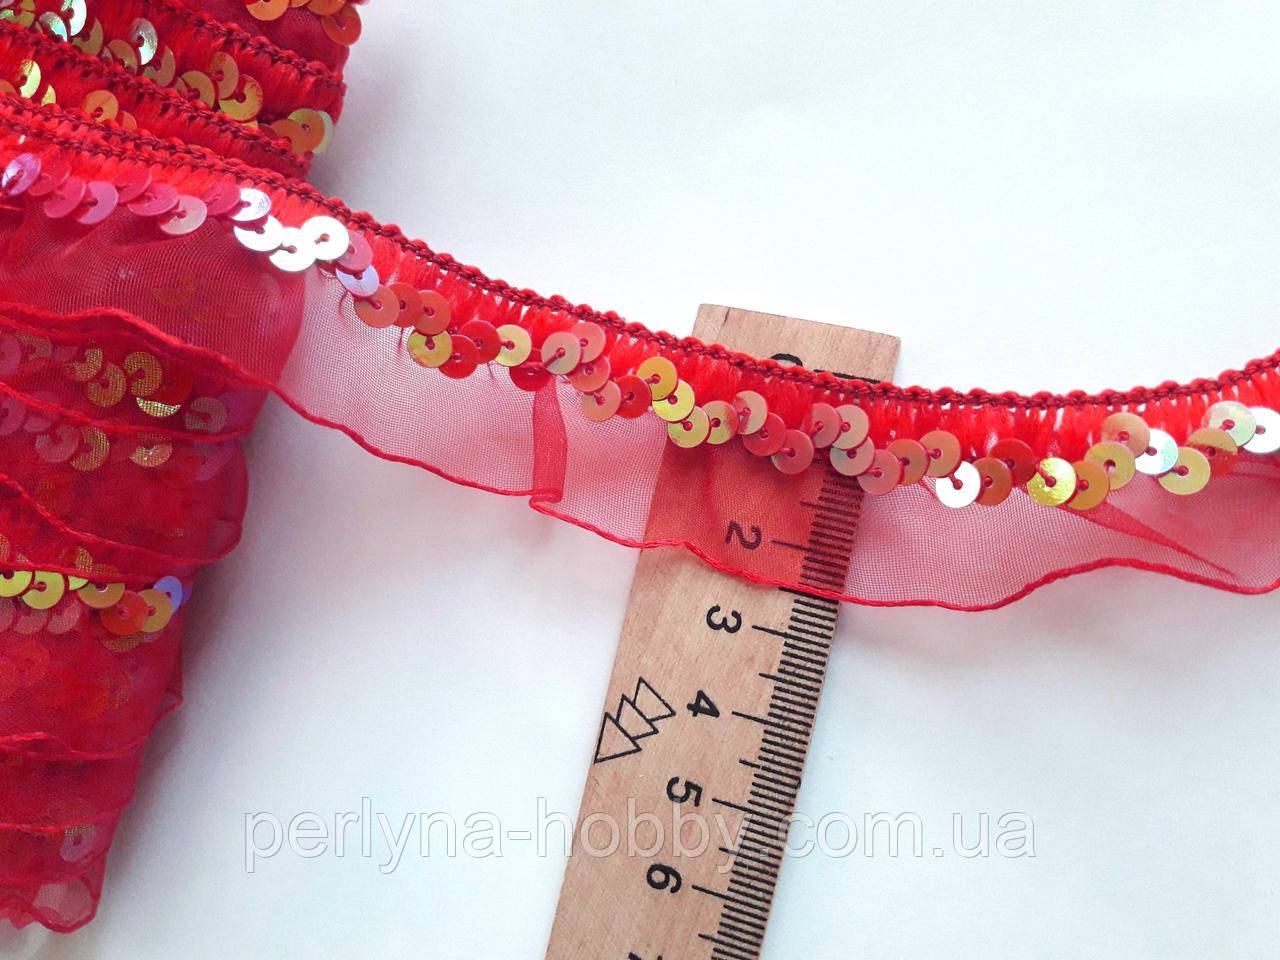 Тесьма декоративная, Тесьма-рюш рюша еластичная с пайетками. Червона з перламутровими блиск., 2.5 см